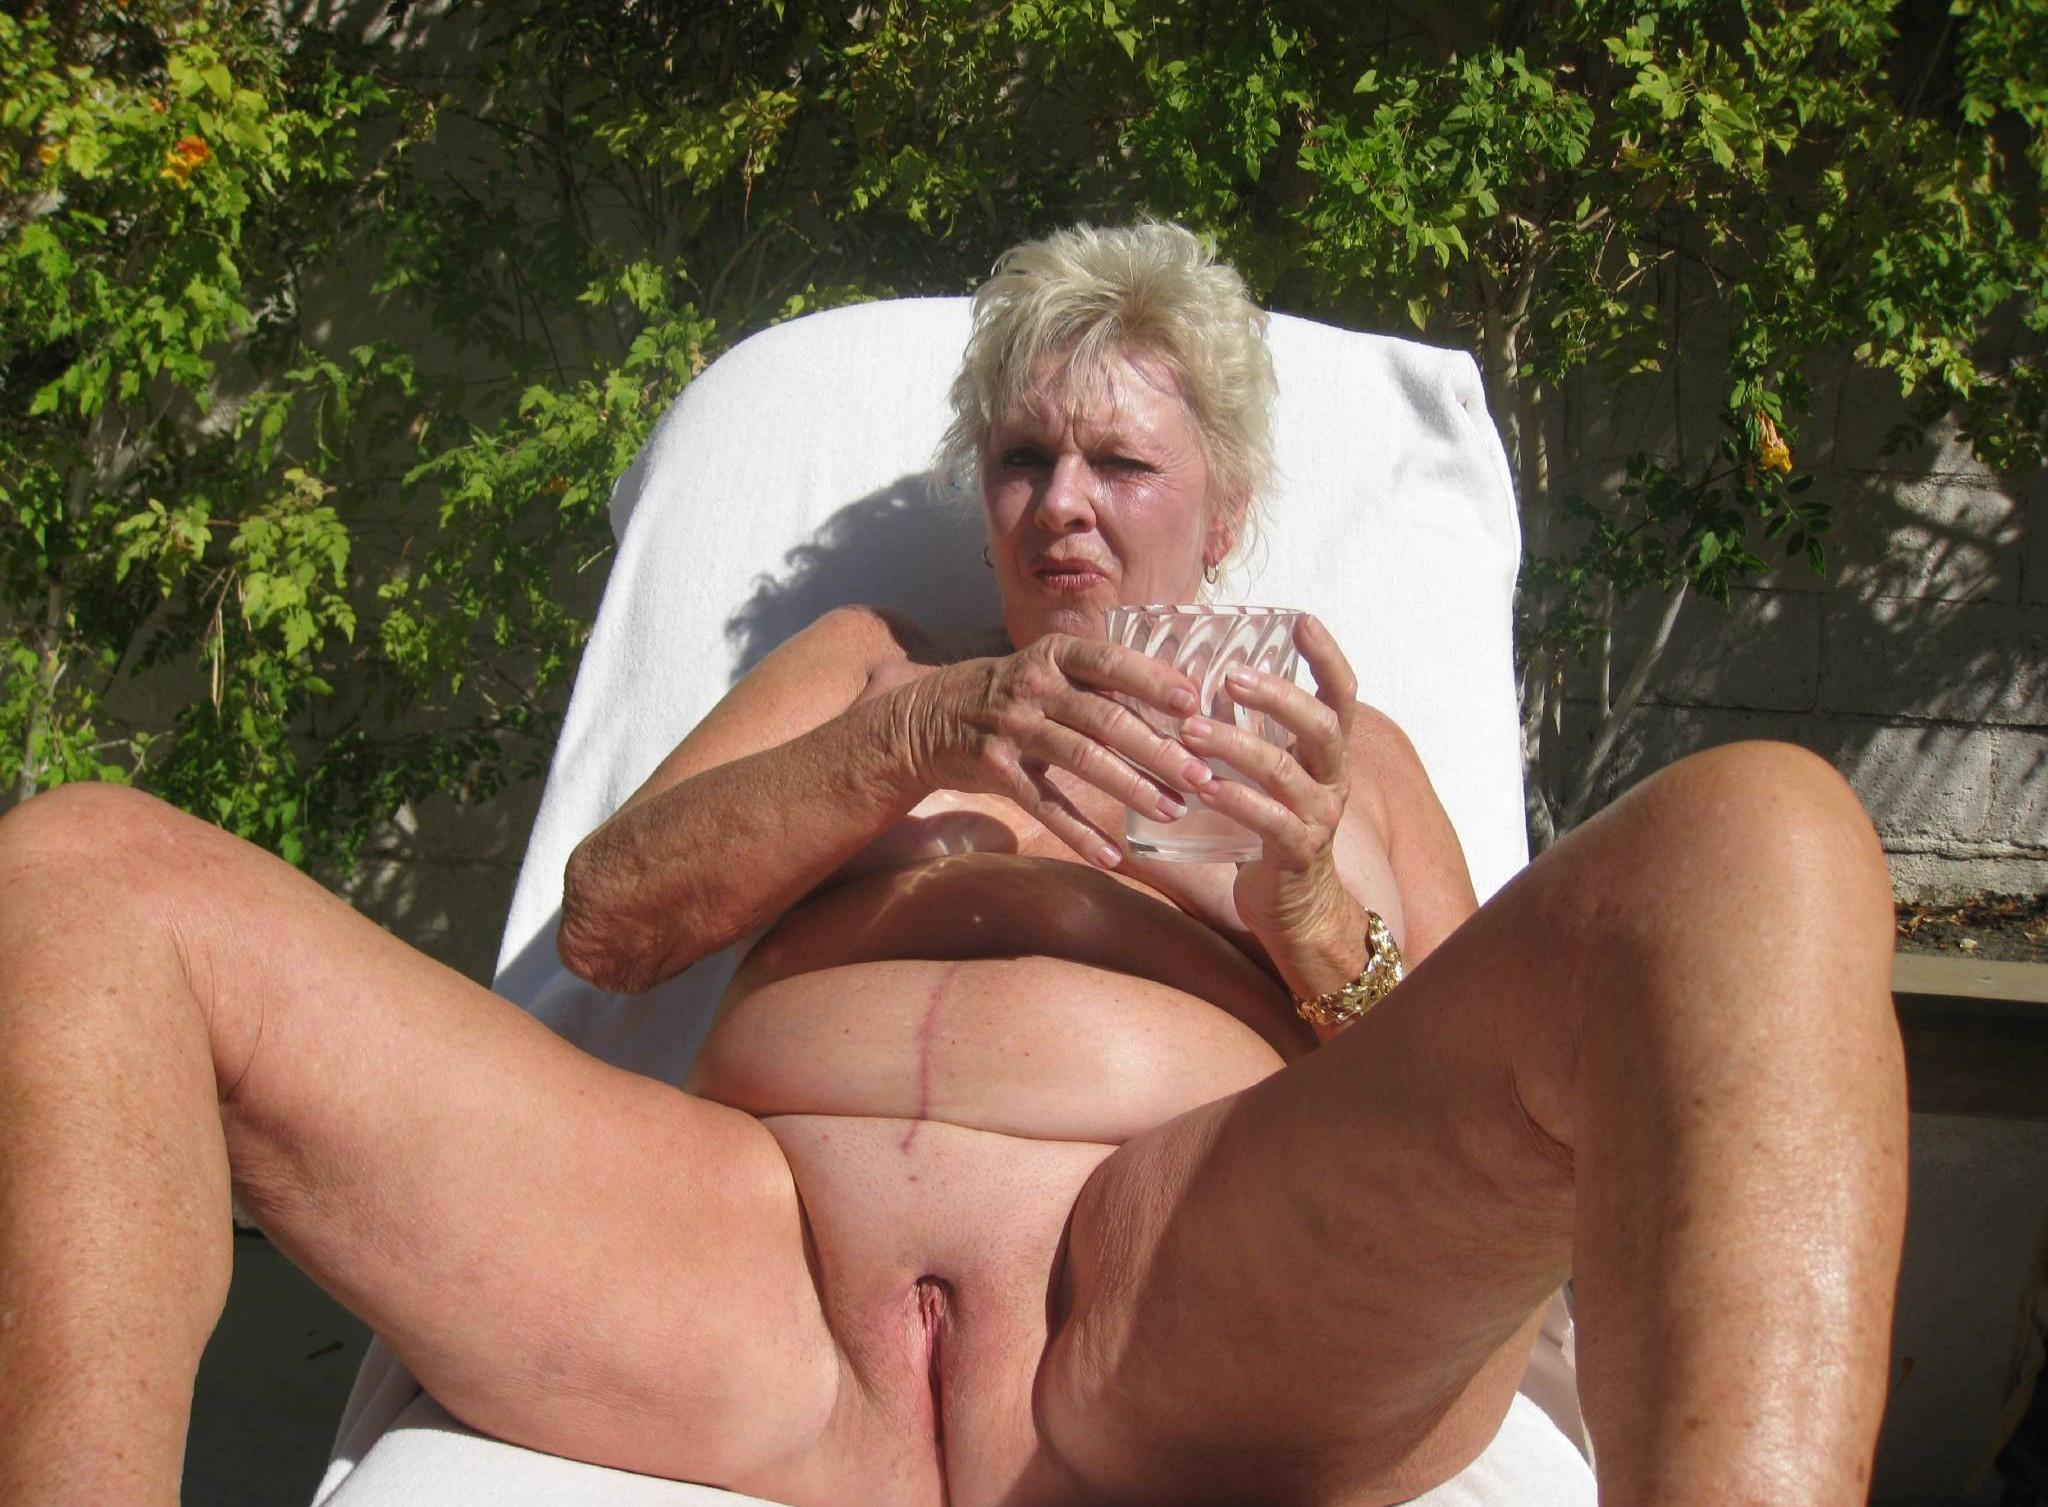 Фото пожилих дaм, Голые зрелые женщины частные секс фото 12 фотография